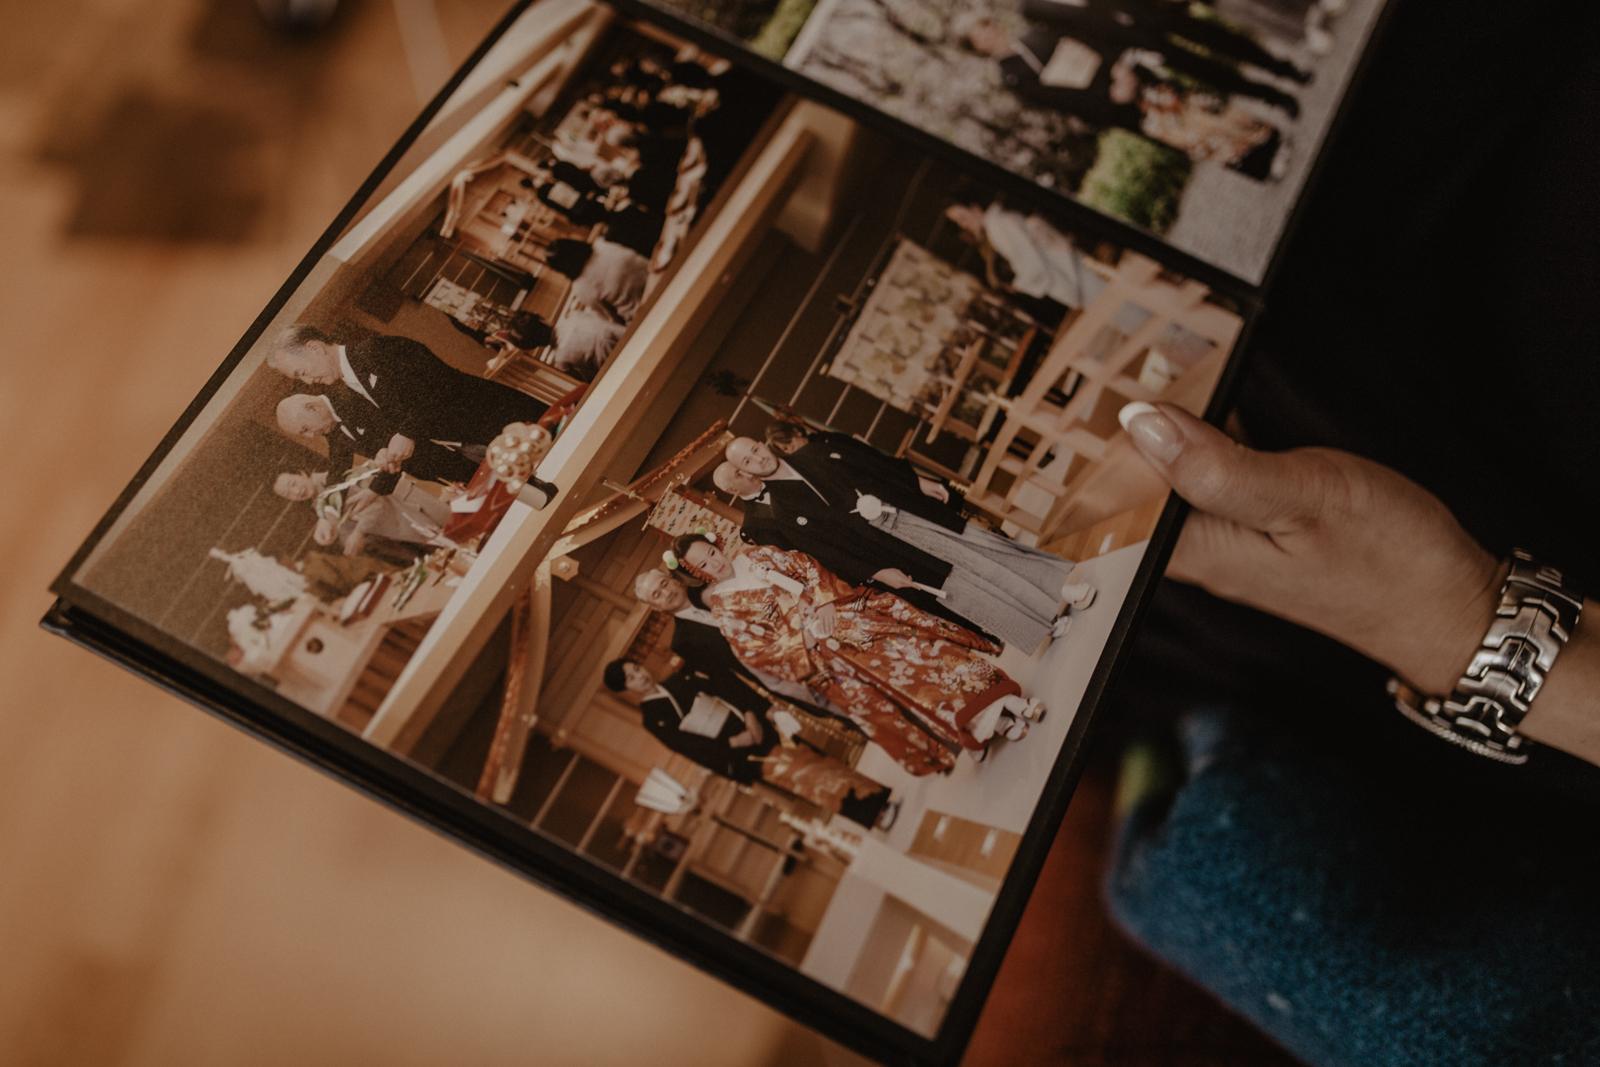 thenortherngirlphotography_photography_thenortherngirl_rebeccascabros_wedding_weddingphotography_weddingphotographer_barcelona_bodaenlabaronia_labaronia_japanesewedding_destinationwedding_shokoalbert-36.jpg